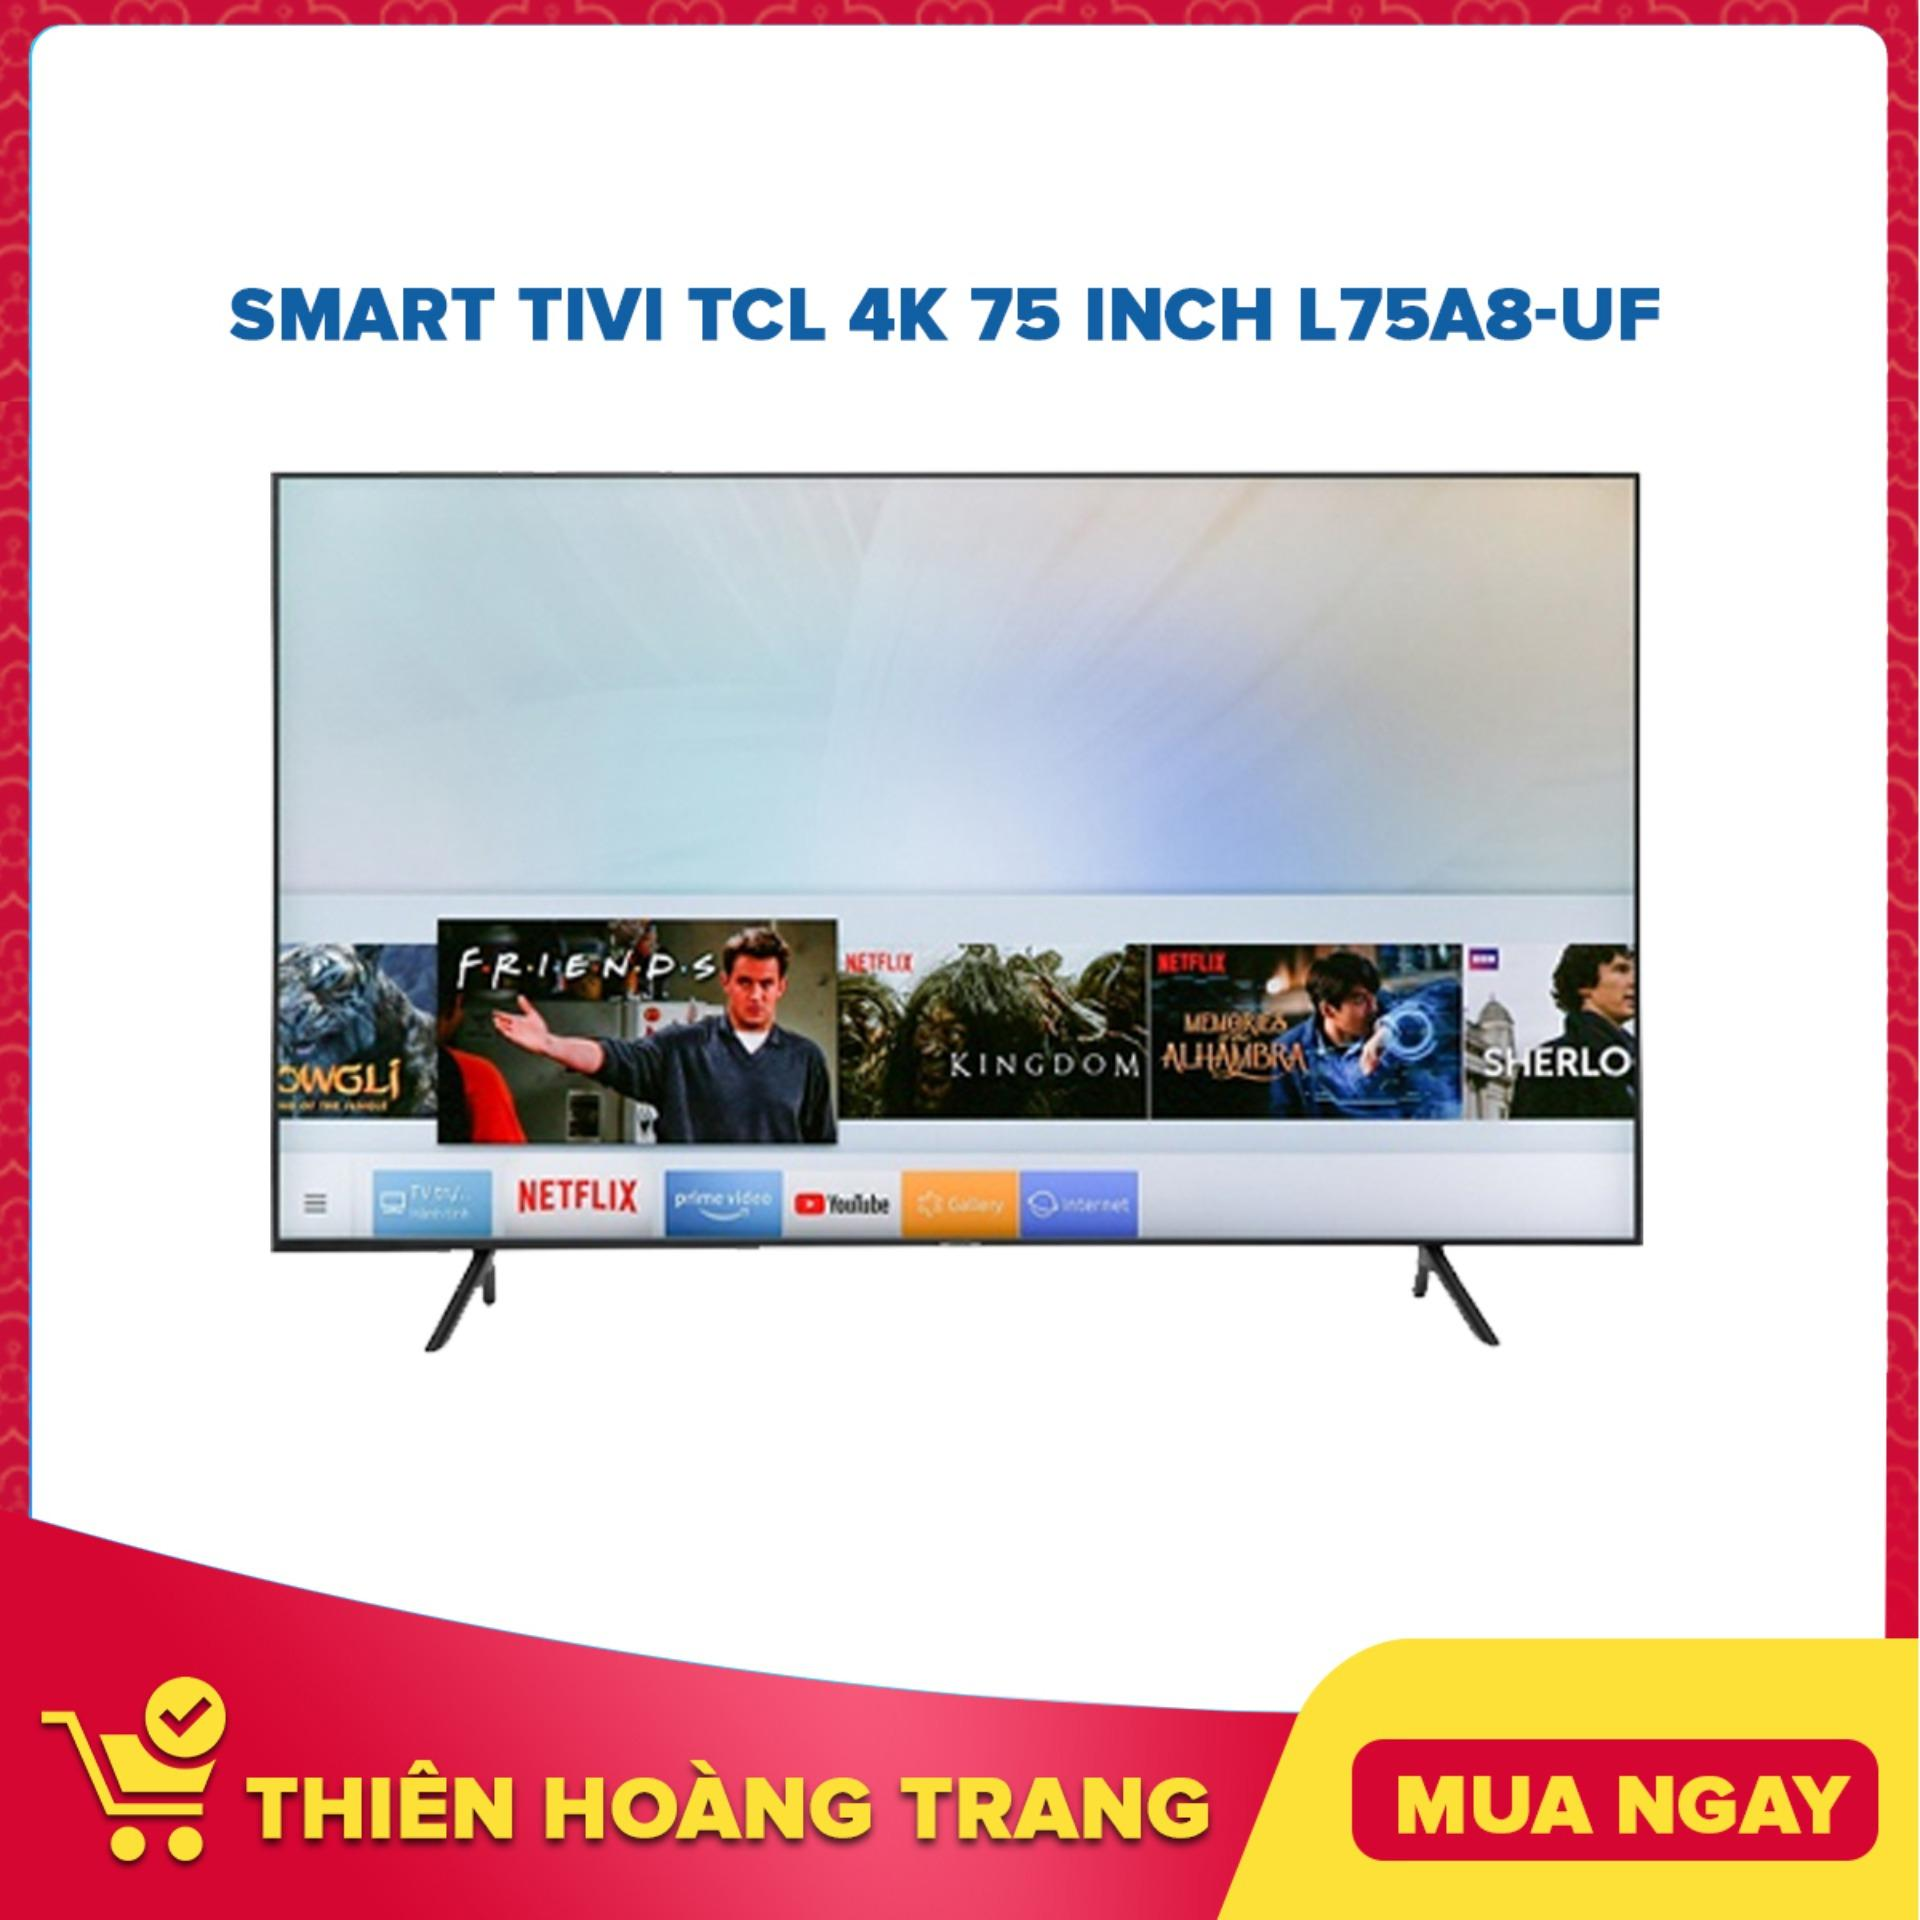 Bảng giá Smart Tivi TCL 4K 75 inch L75A8-UF